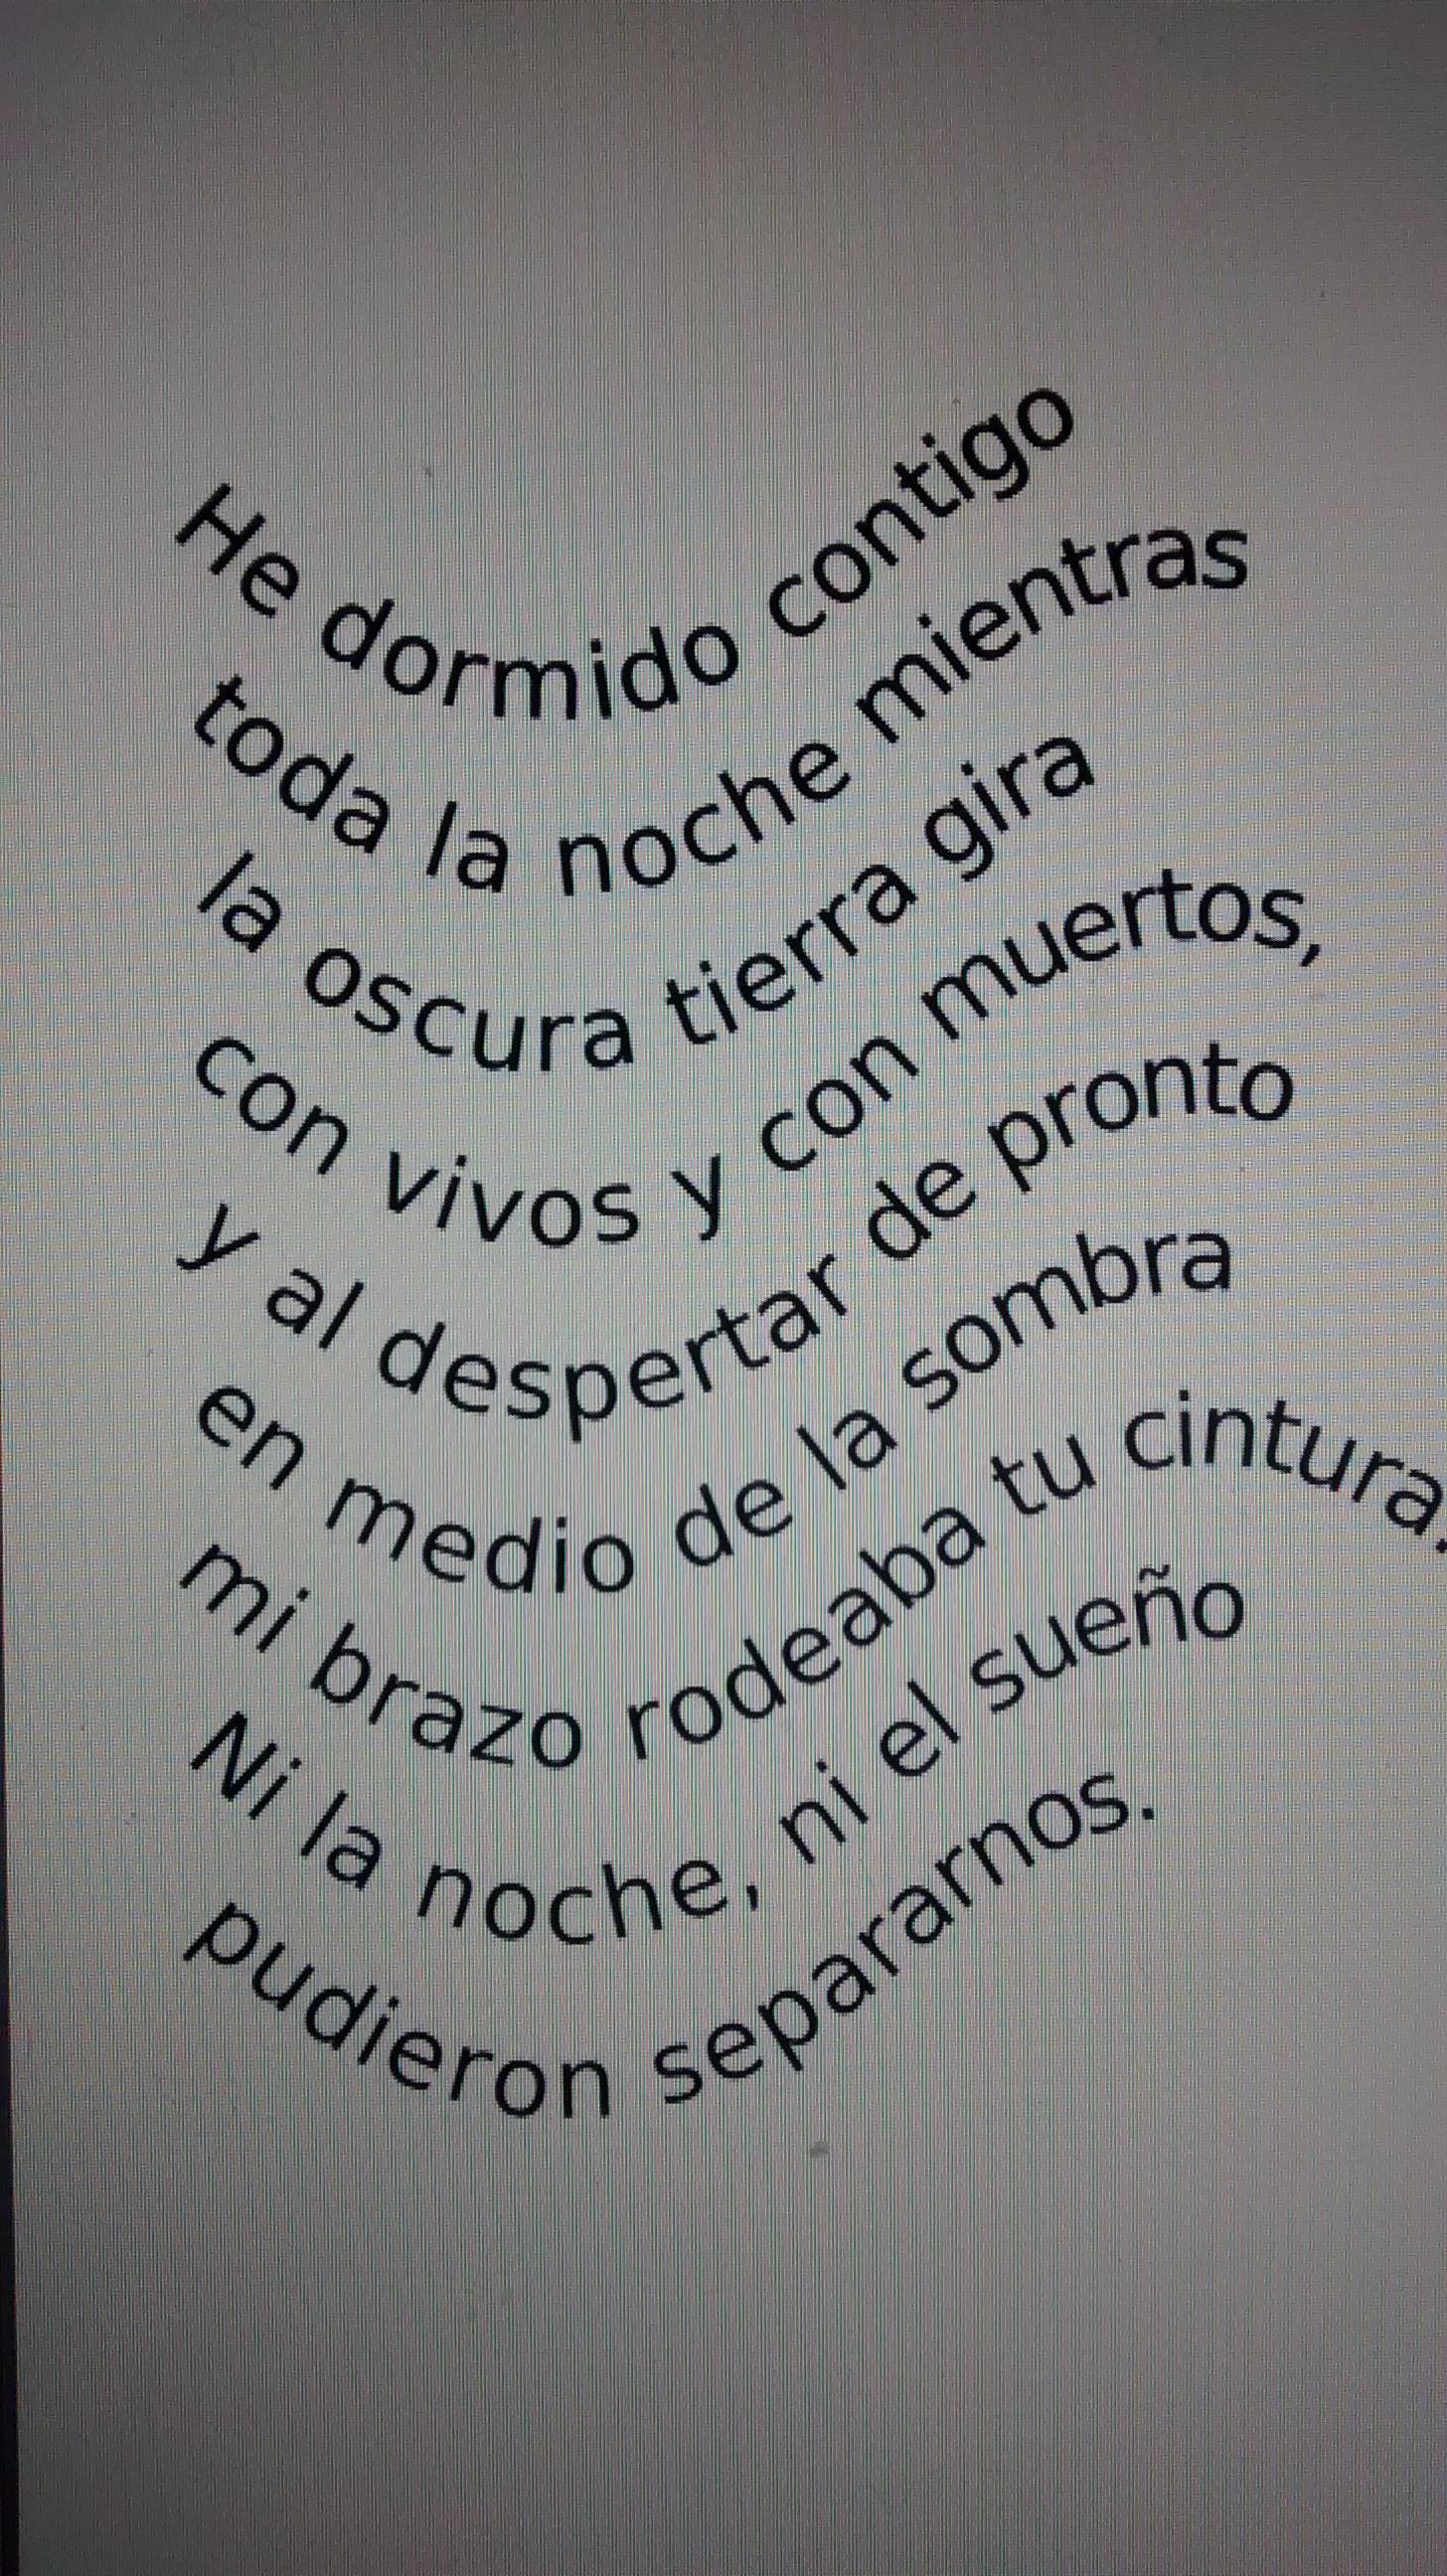 Poema Pablo Neruda Español Para Inmigrantes Y Refugiados